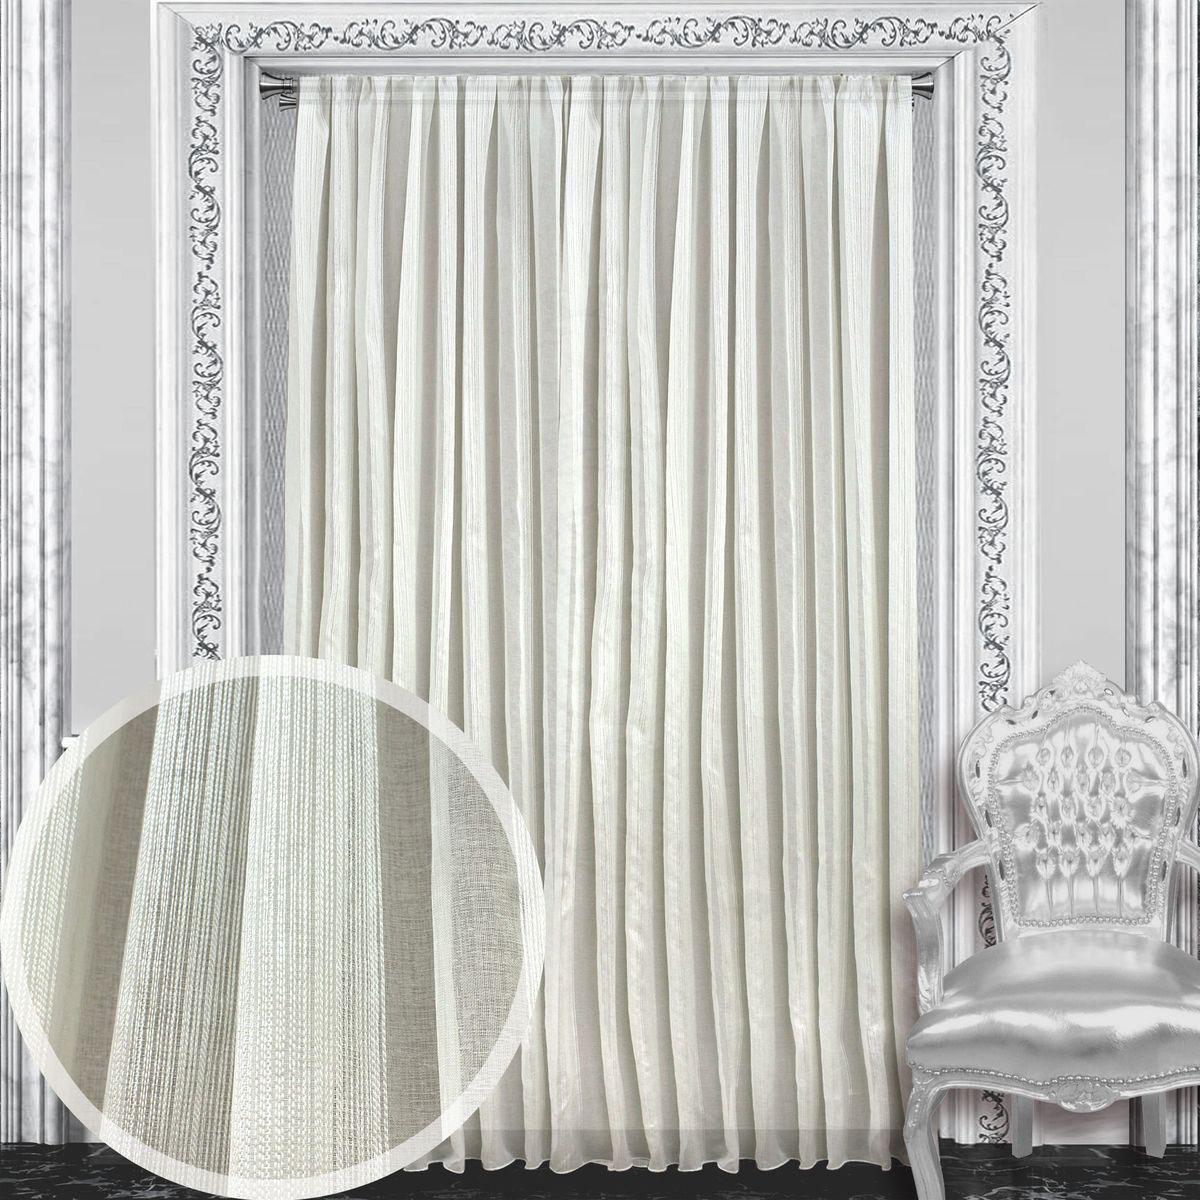 Тюль Amore Mio, на ленте, цвет: молочный, высота 270 см. 86118106-026Тюль Amore Mio изготовлен из 100% полиэстера. Воздушная ткань привлечет к себе внимание и идеально оформит интерьер любого помещения. Полиэстер - вид ткани, состоящий из полиэфирных волокон. Ткани из полиэстера легкие, прочные и износостойкие. Такие изделия не требуют специального ухода, не пылятся и почти не мнутся.Крепление к карнизу осуществляется при помощи вшитой шторной ленты.